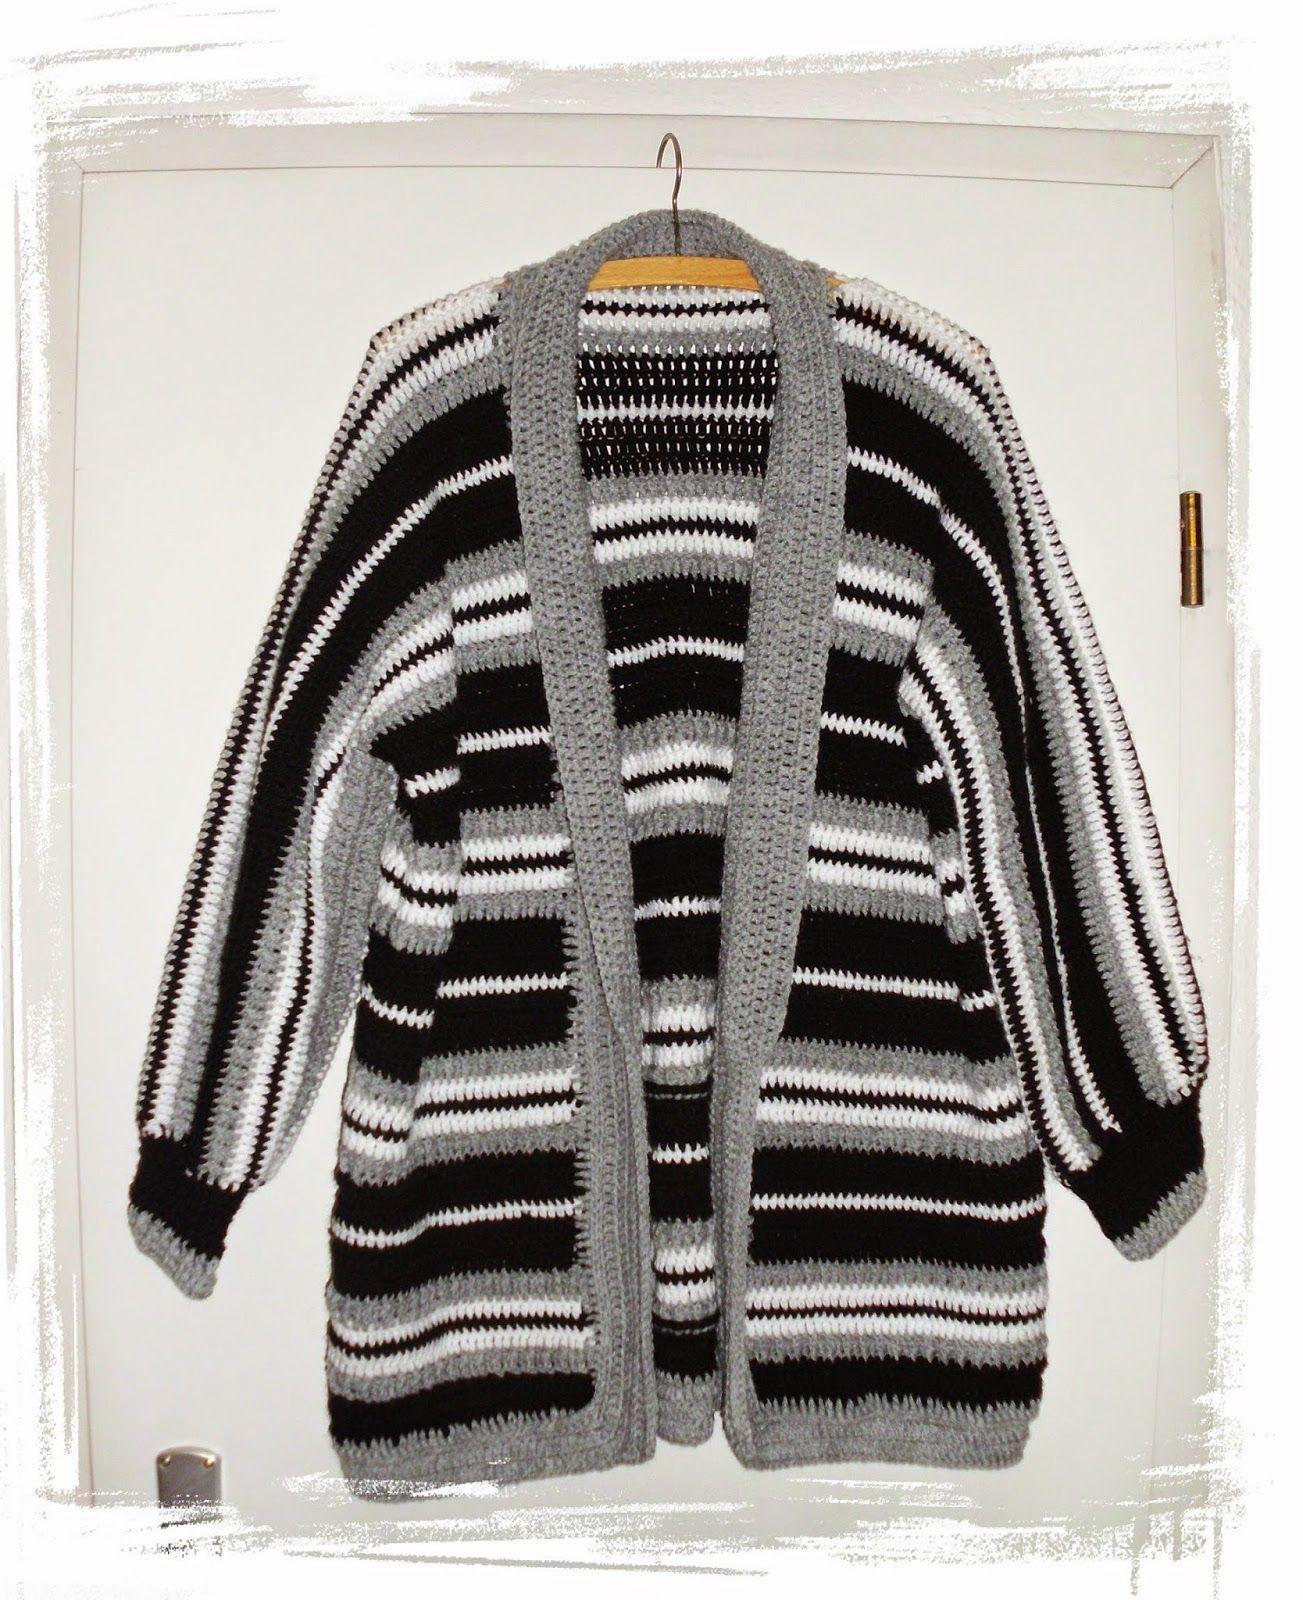 Mantel-Jacke | Mäntel, Häkelanleitung und Jacken